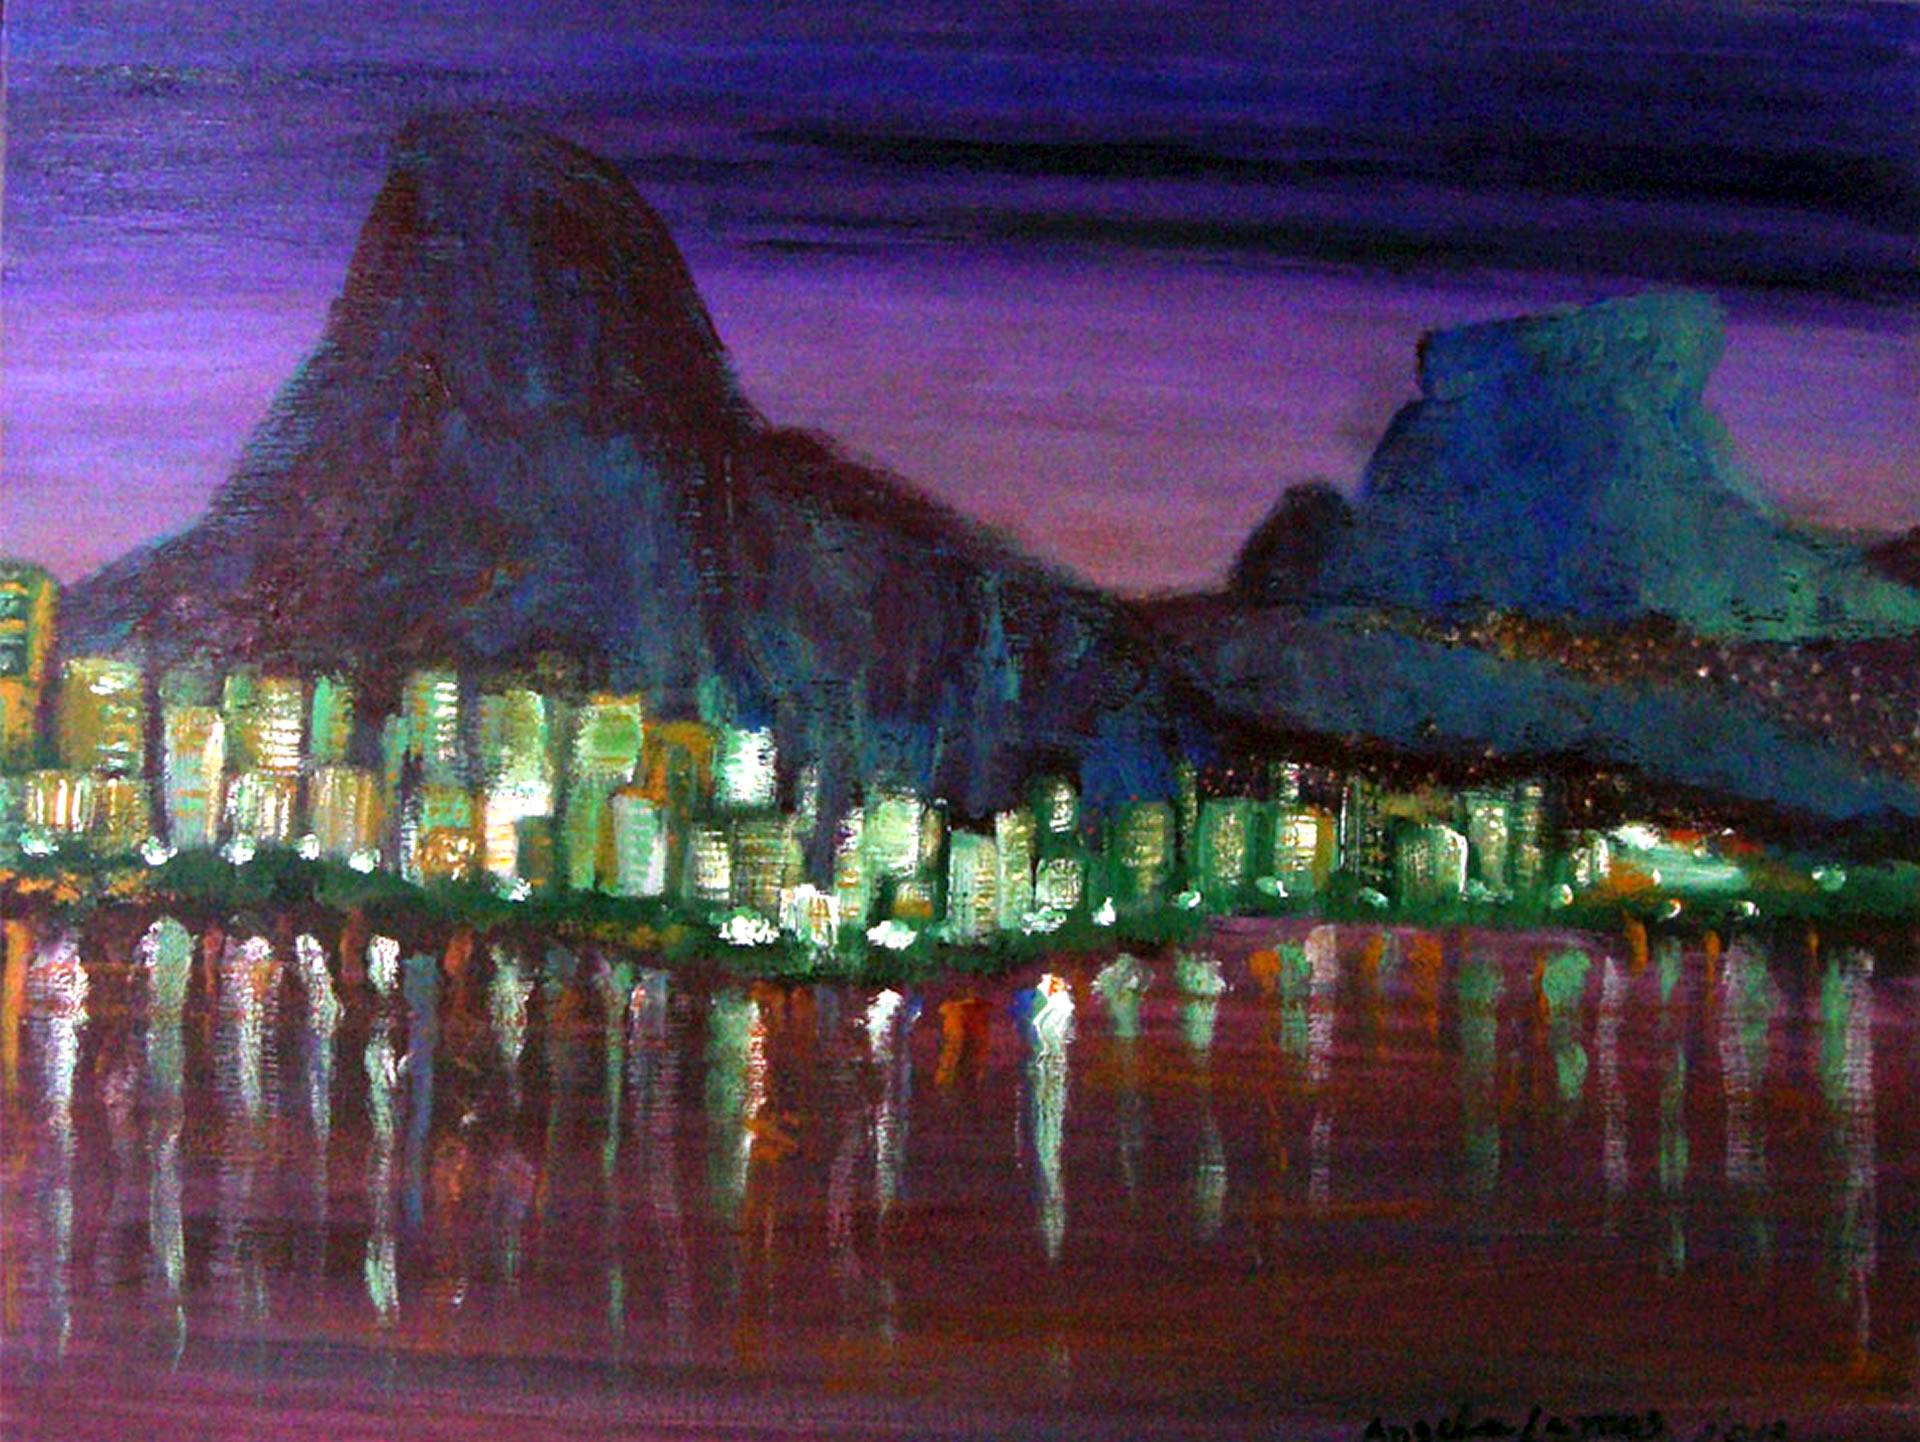 Entardecer na Lagoa pintura acrilica expressionista angela lemos